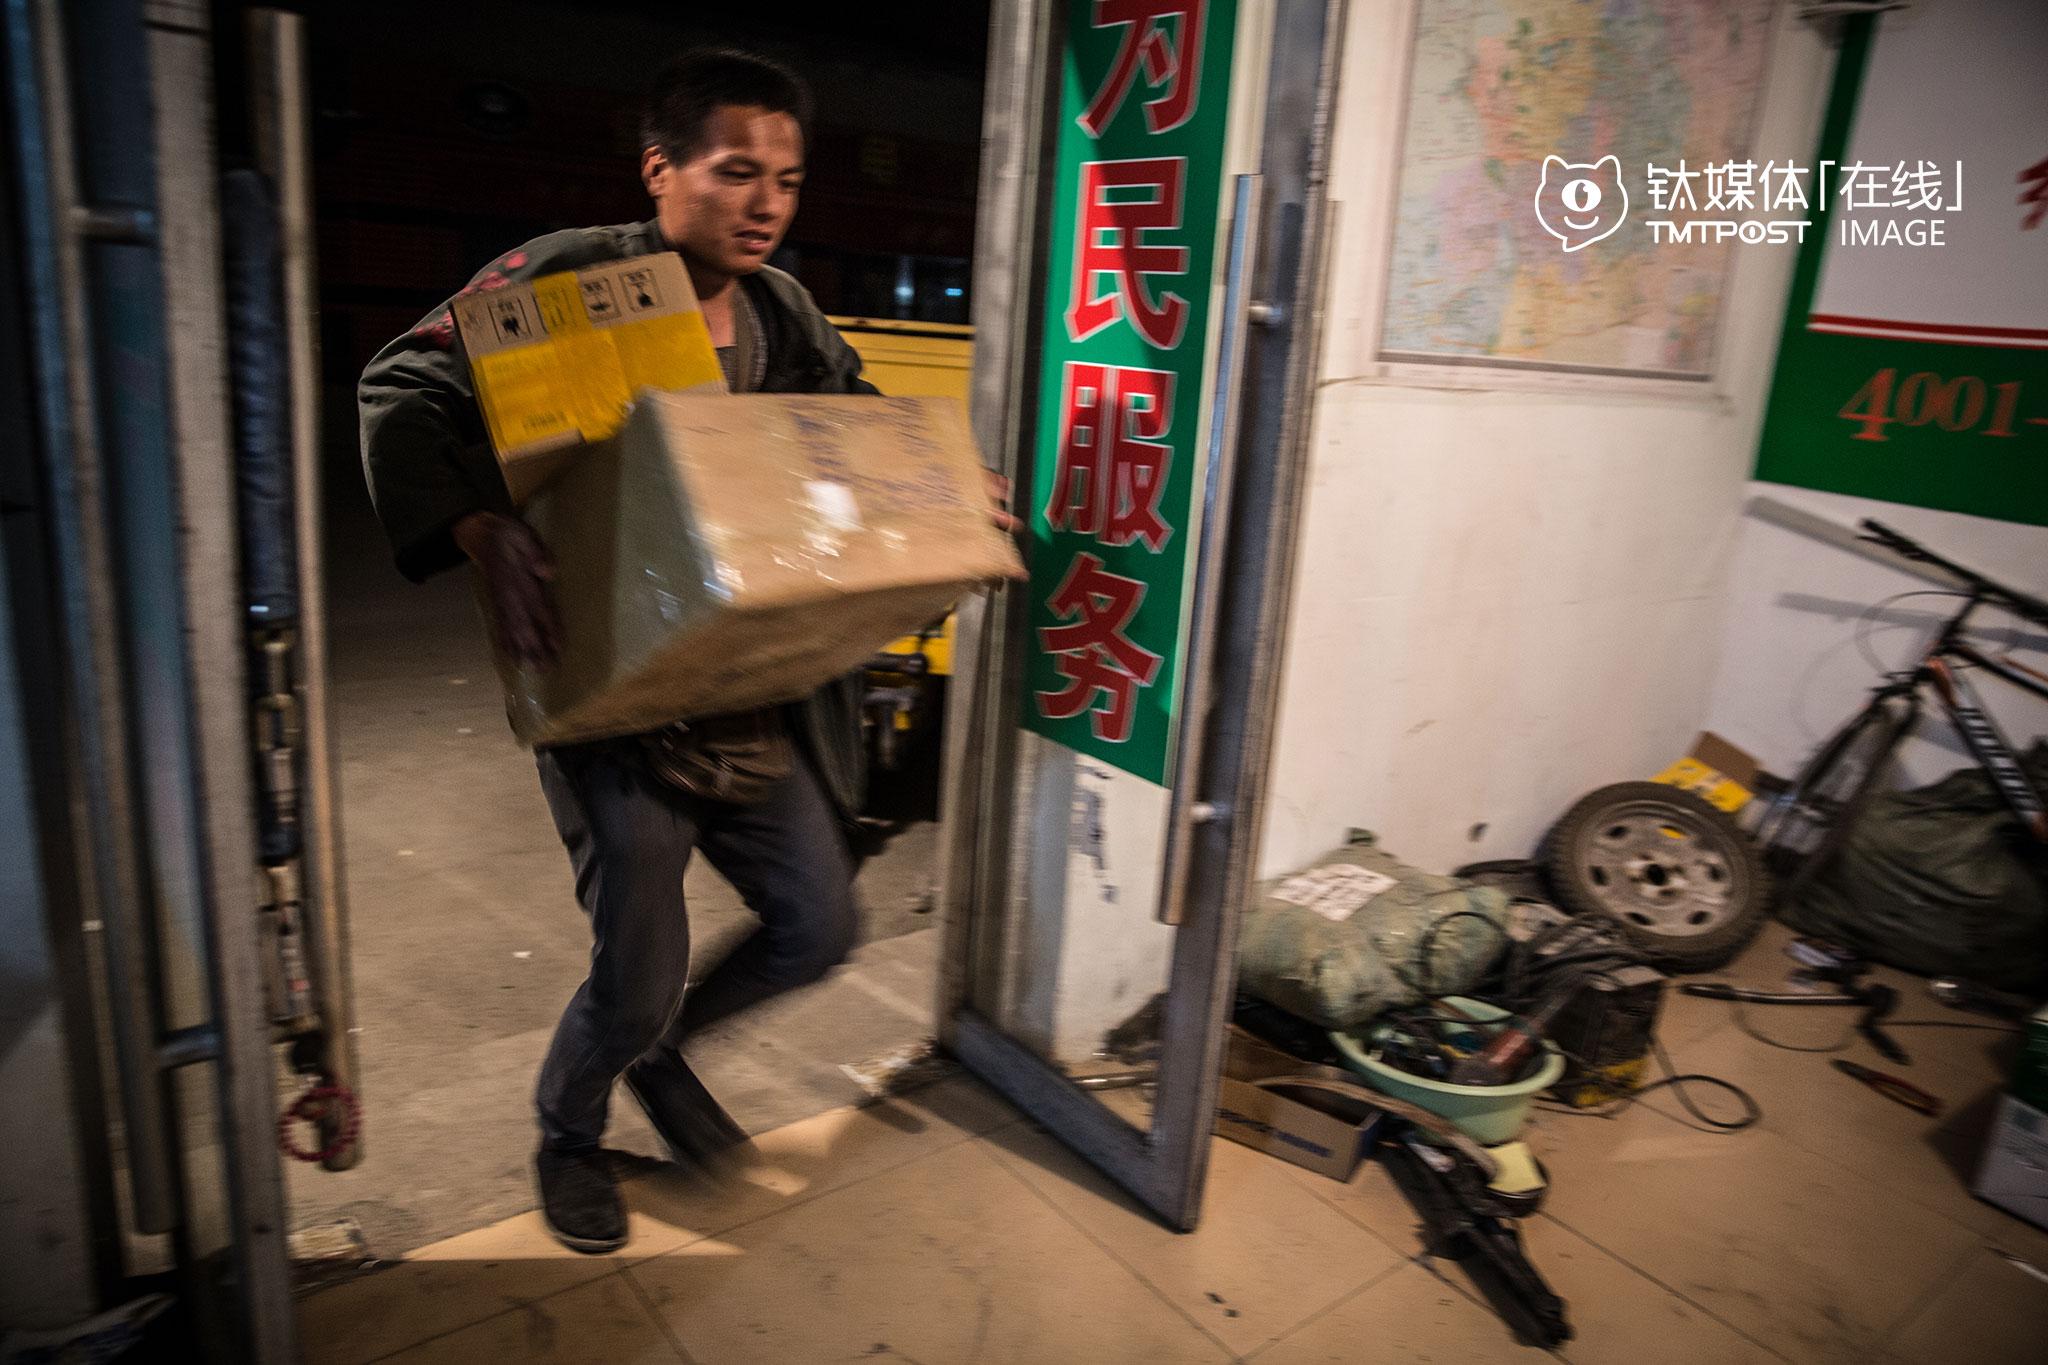 等他赶回站点,当晚发货的车已经走了,他只好把货先搬下车,等第二天再发。